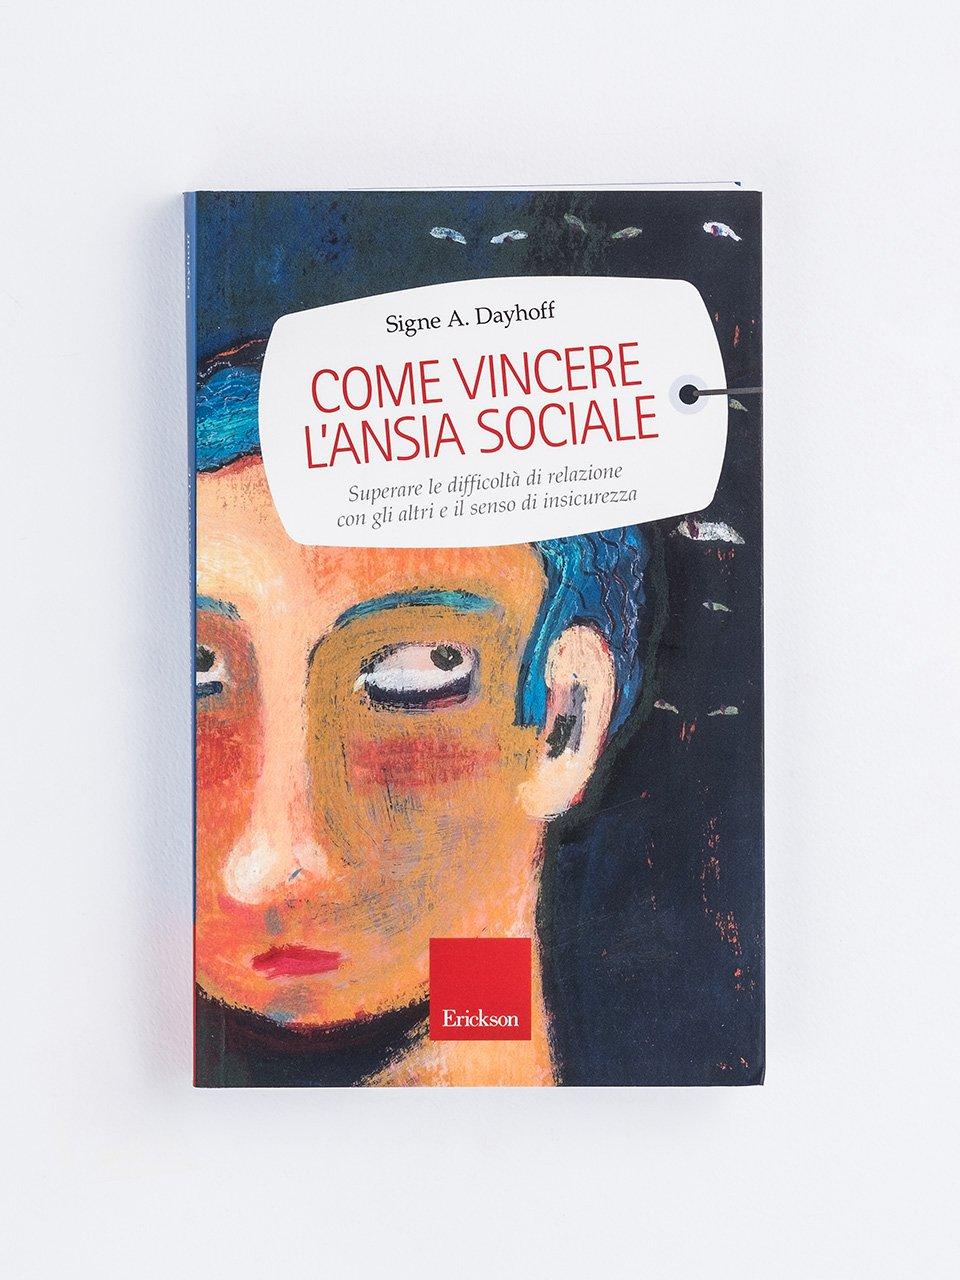 Come vincere l'ansia sociale - Libri - Erickson